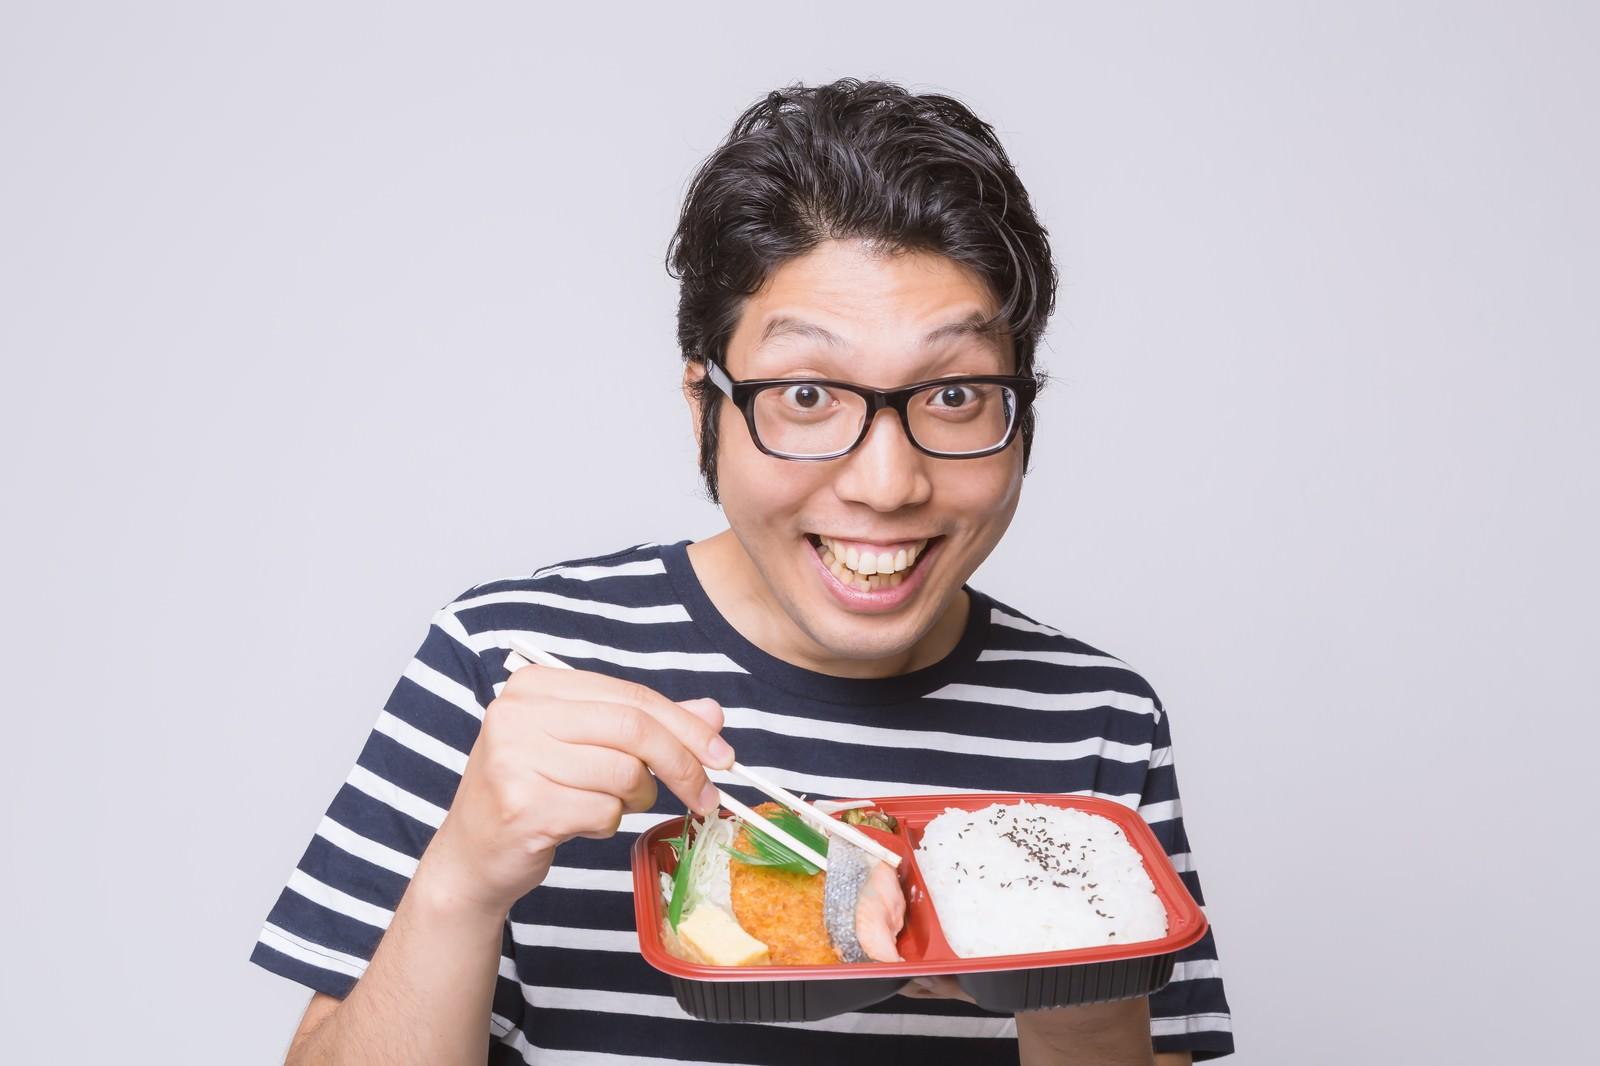 「喜んでお弁当を食べる男性 | 写真の無料素材・フリー素材 - ぱくたそ」の写真[モデル:紳さん]